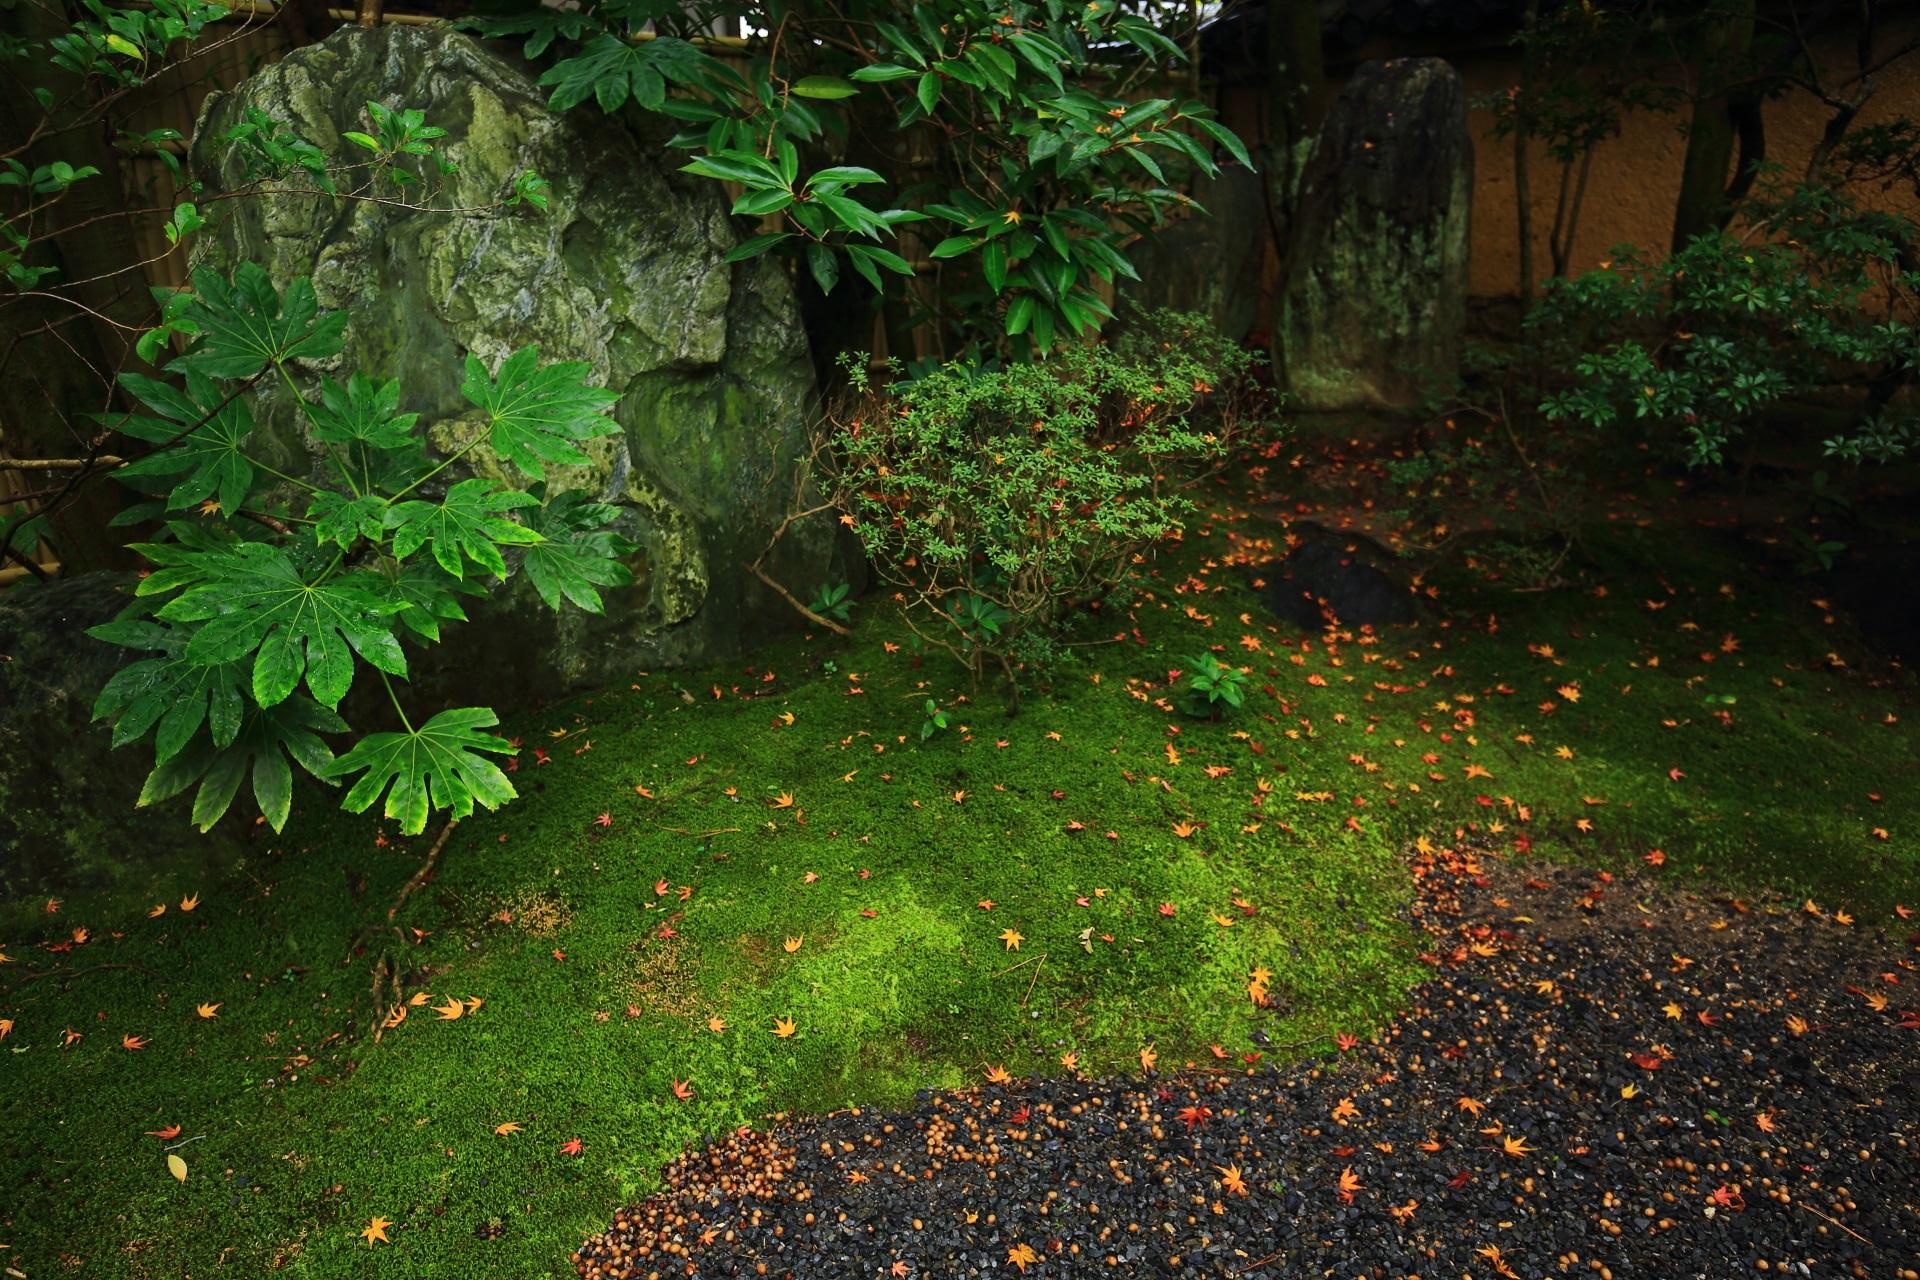 桂春院の苔や多種多様な緑を華やぐ散りもみじ